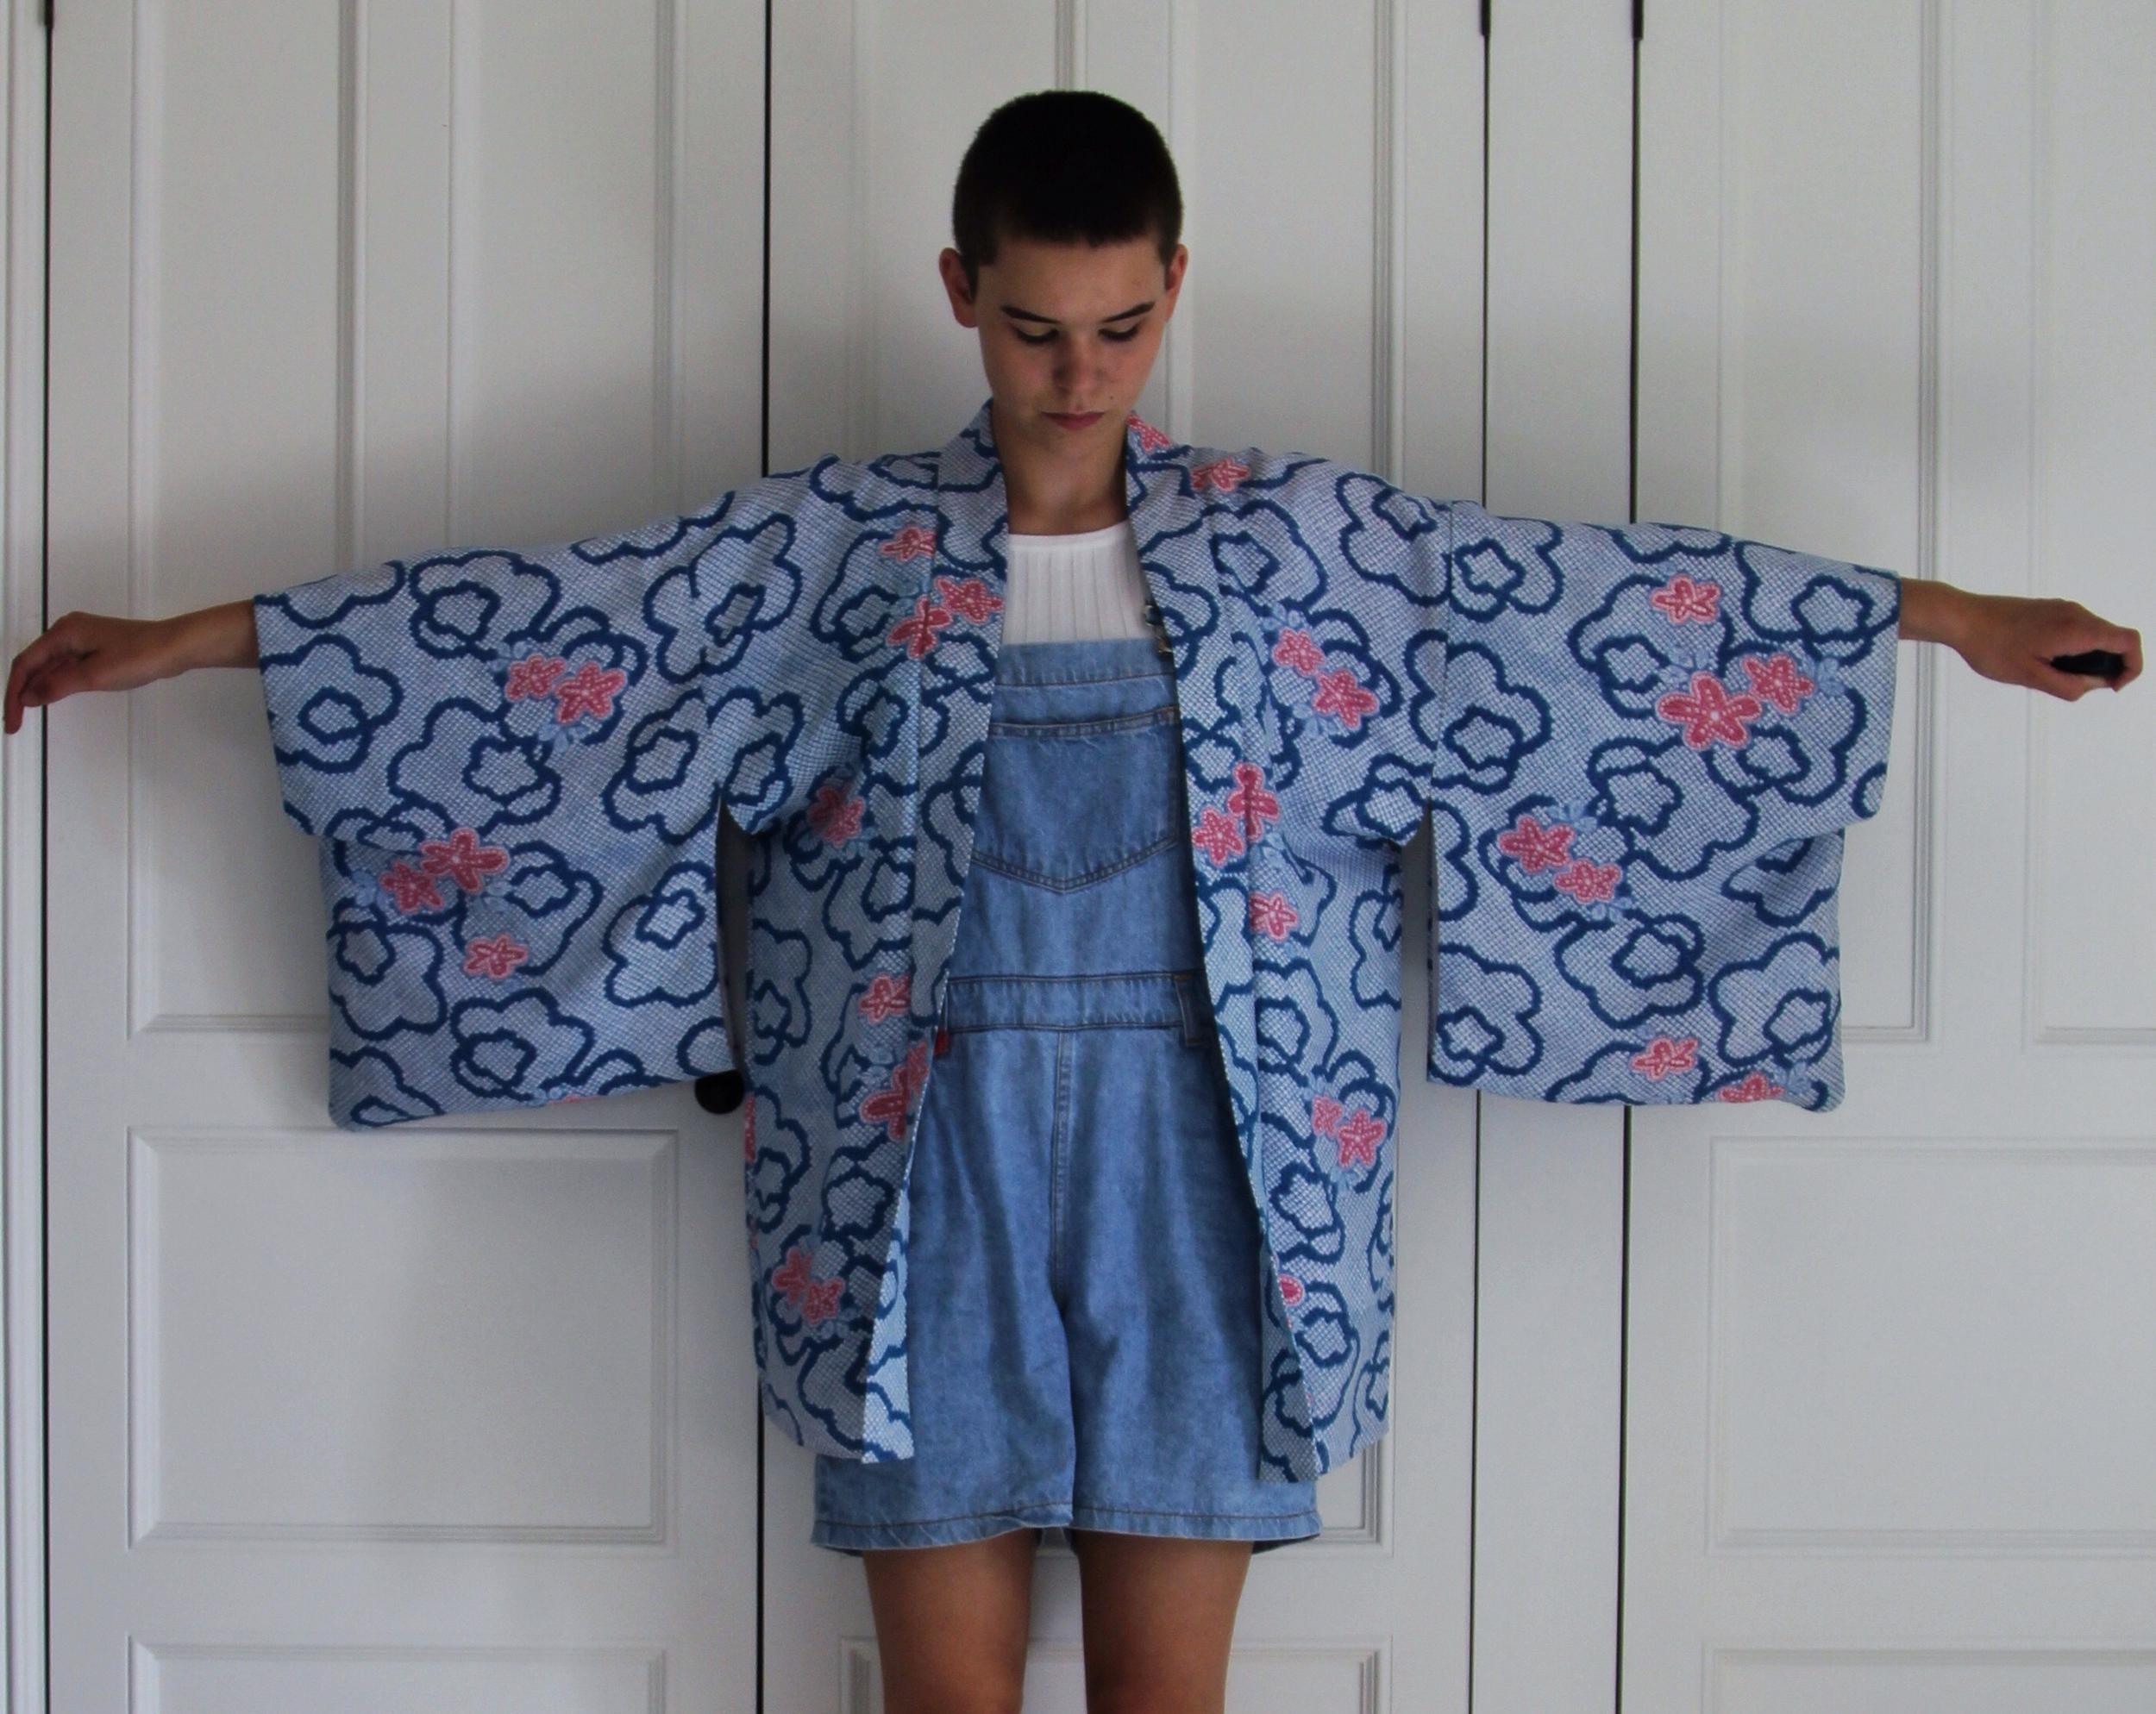 Vintage Silk Kimono (This is a child's sized kimono)